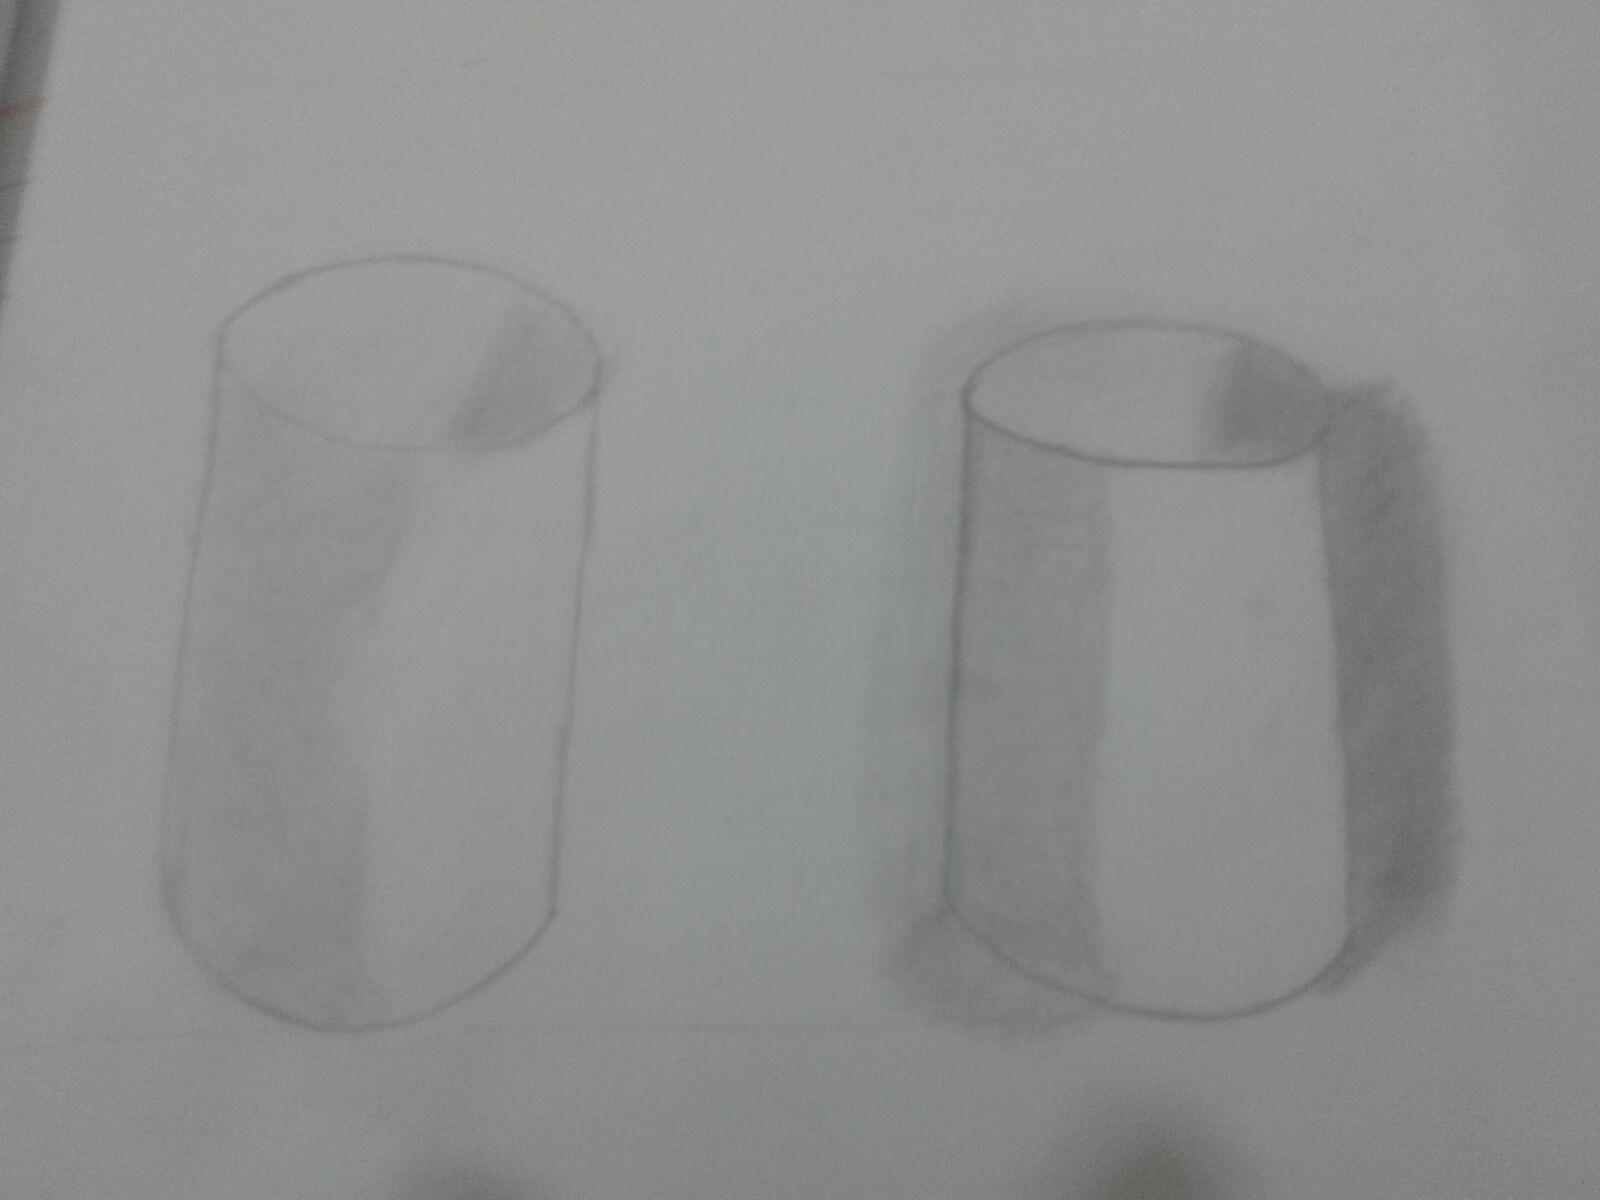 رسم وتظليل